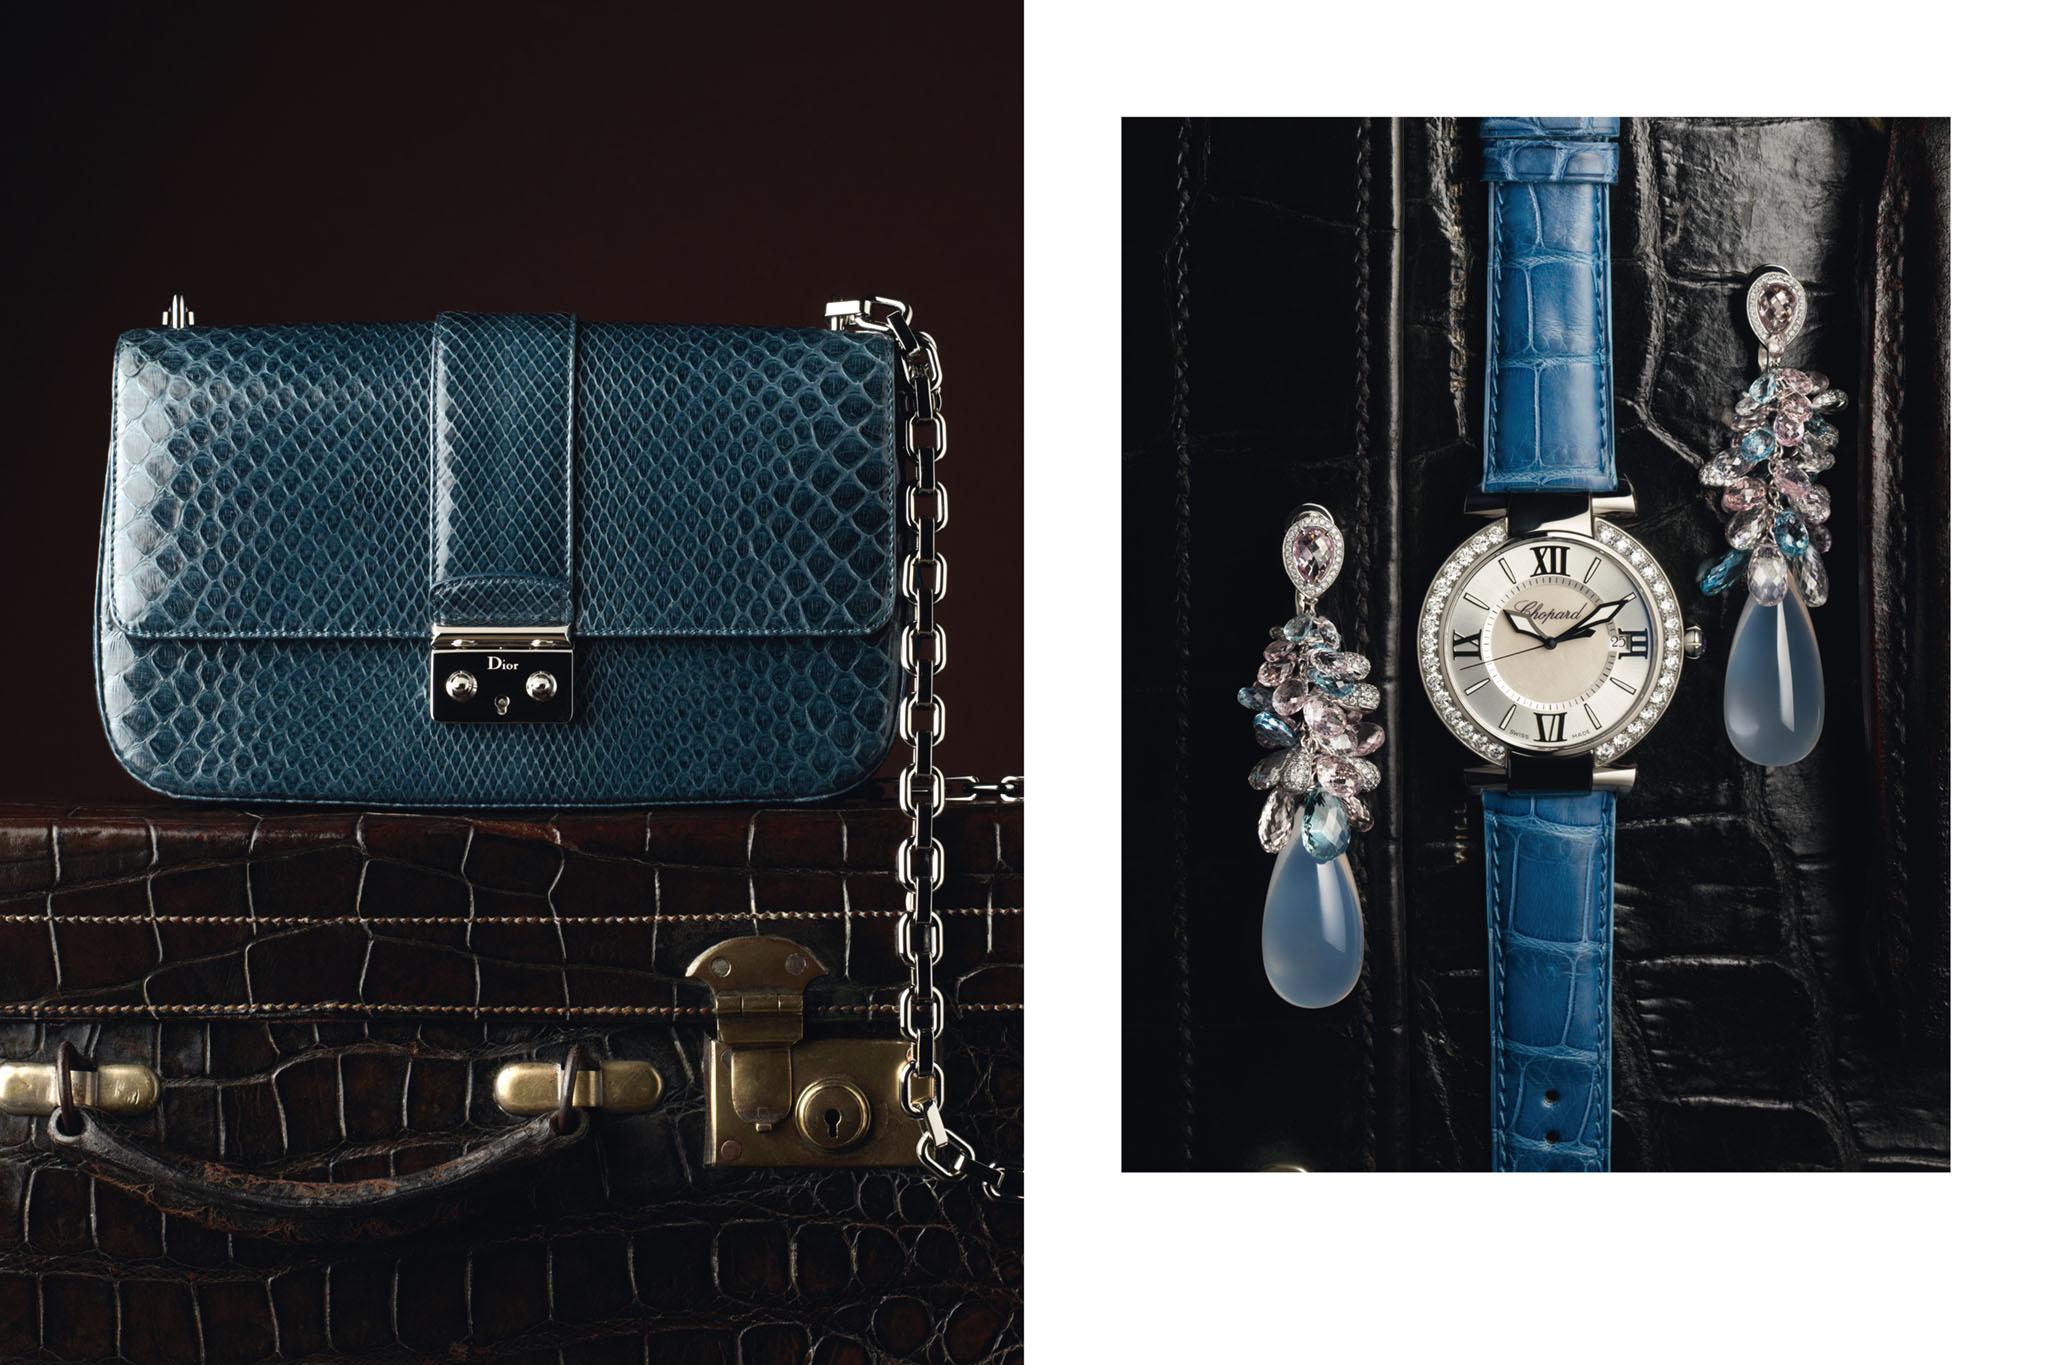 PRINTEMPS Catalogue Noël. Voyage de Luxe. Accessoires Horlogerie Joaillerie Piaget Maroquinerie Dior